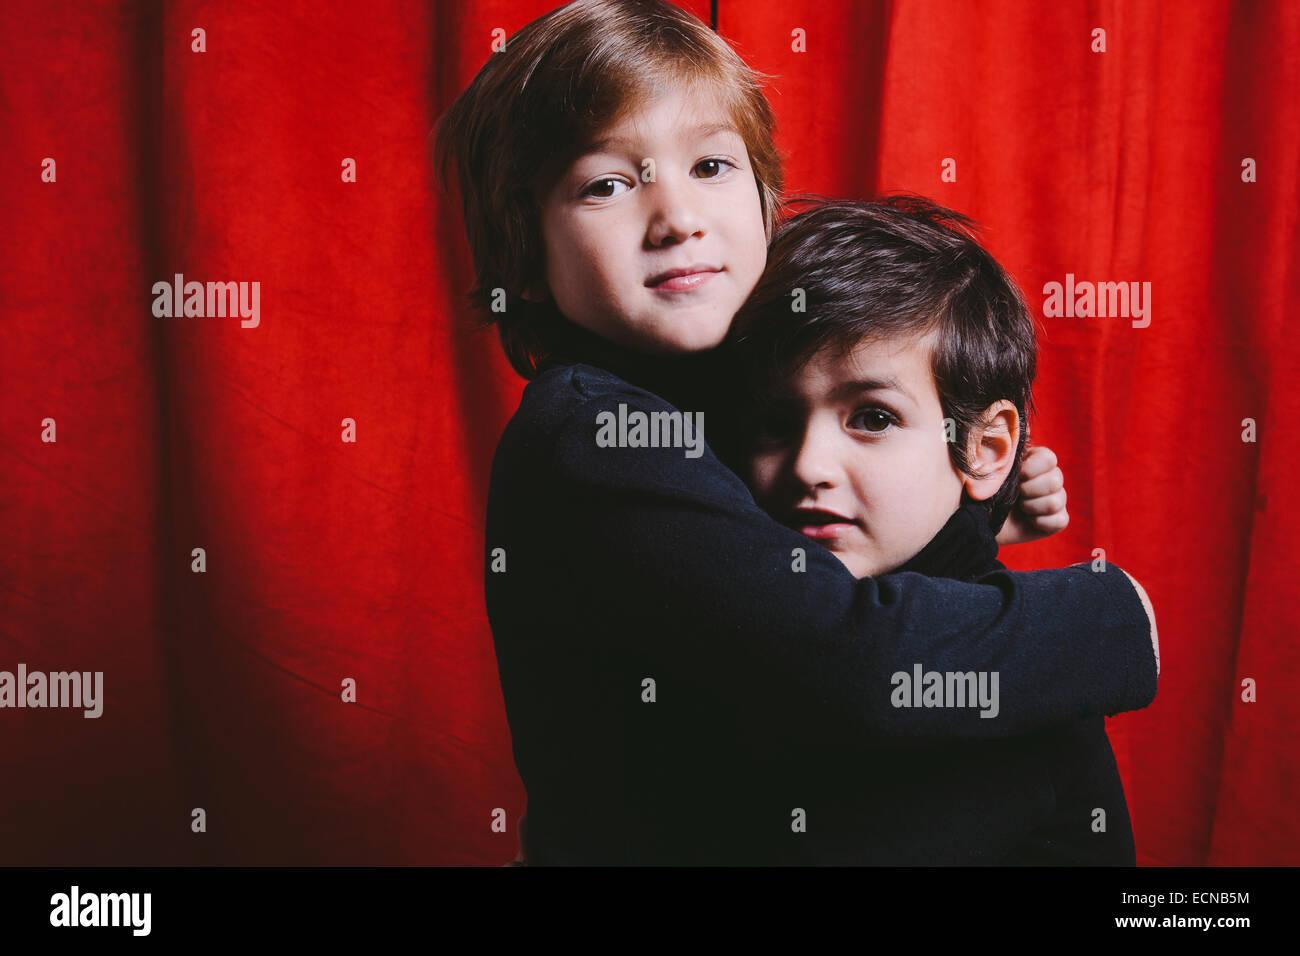 Zwei jungen tragen schwarze Kleidung auf eine Umarmung Stockbild